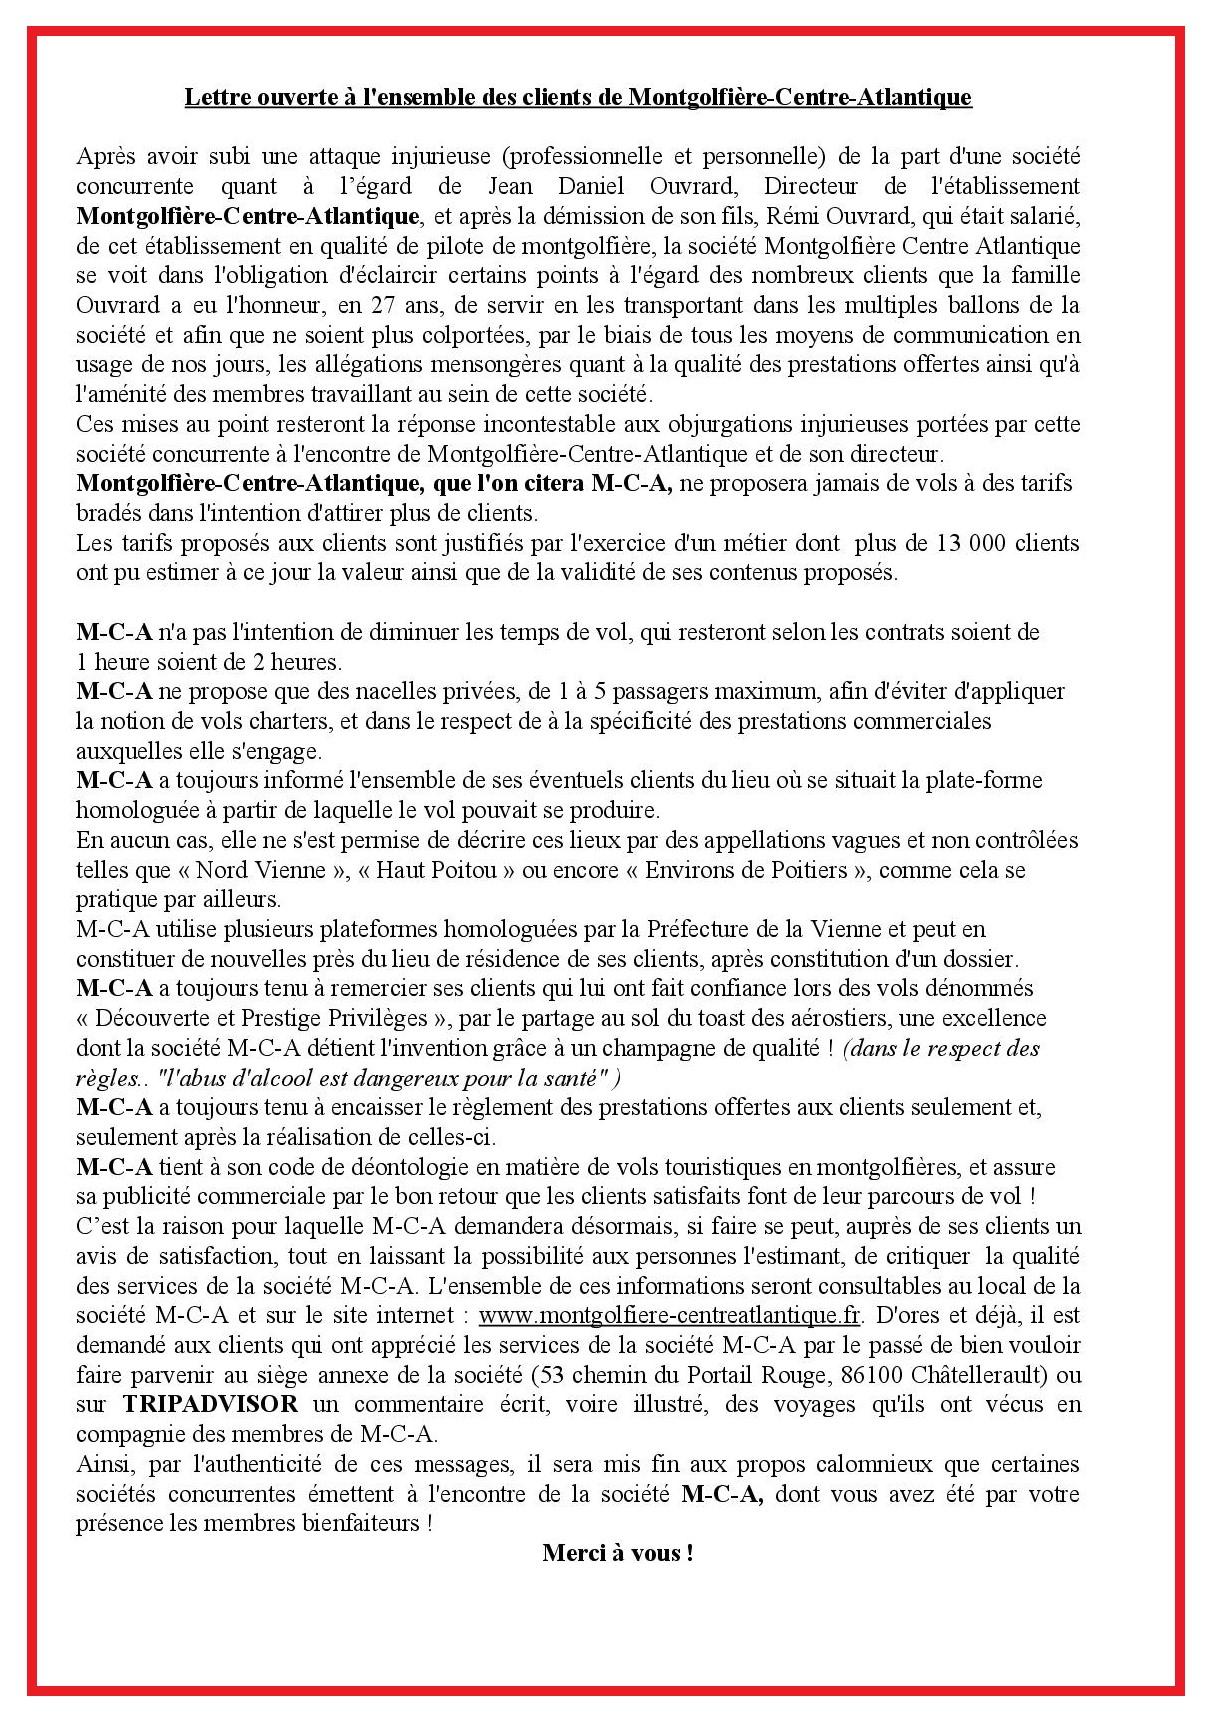 LETTRE OUVERTE AUX CLIENTS DE MONTGOLFIERE CENTRE ATLANTIQUE 1-6-2020